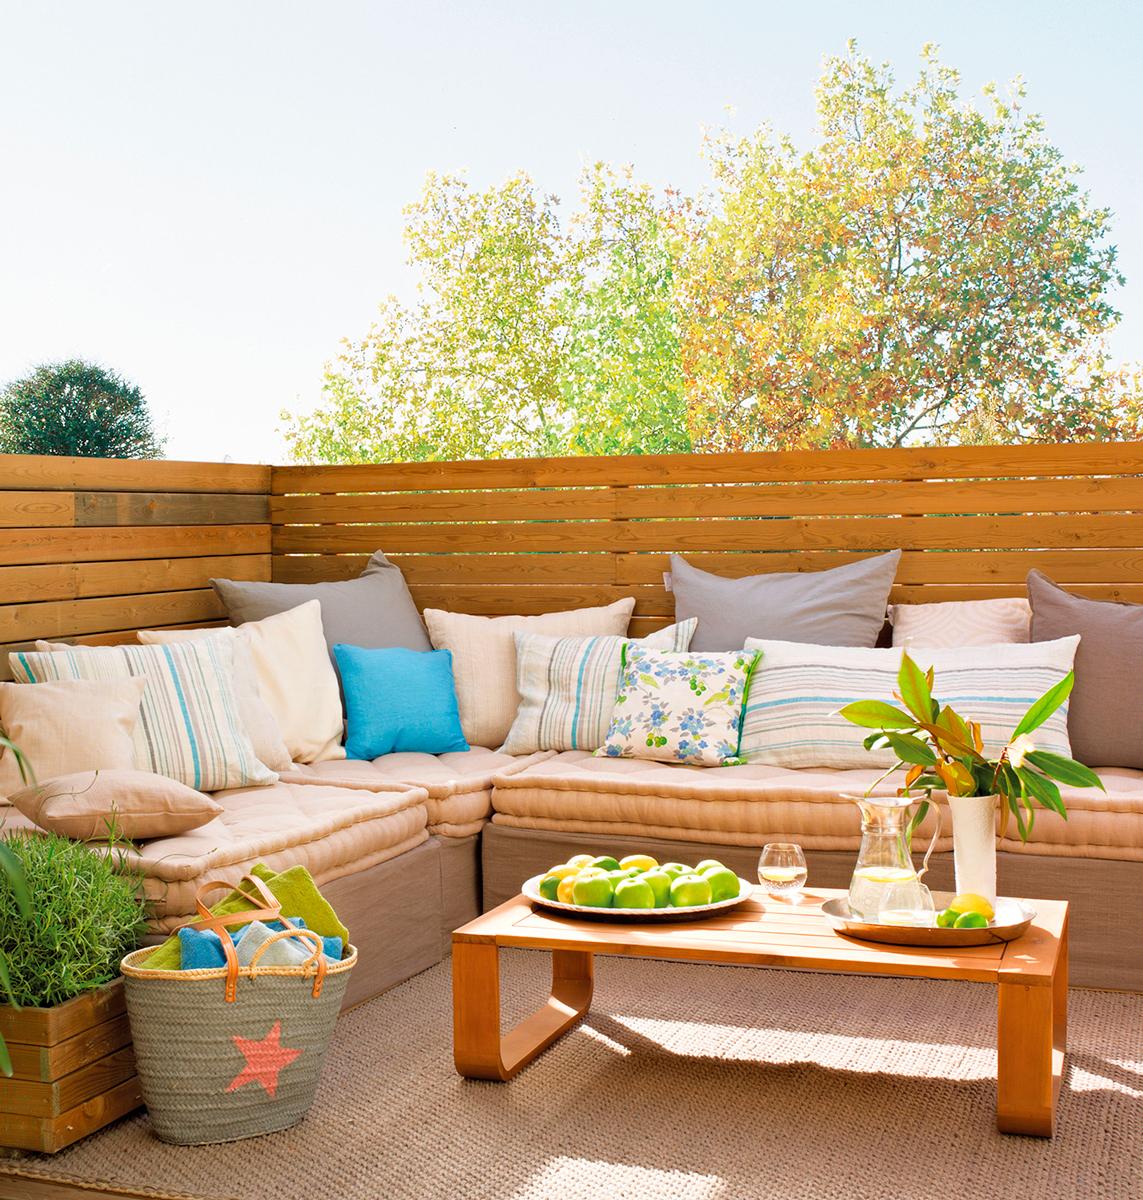 terraza pequea con madera sof rinconero con cojines alfombra de fibras mesa de